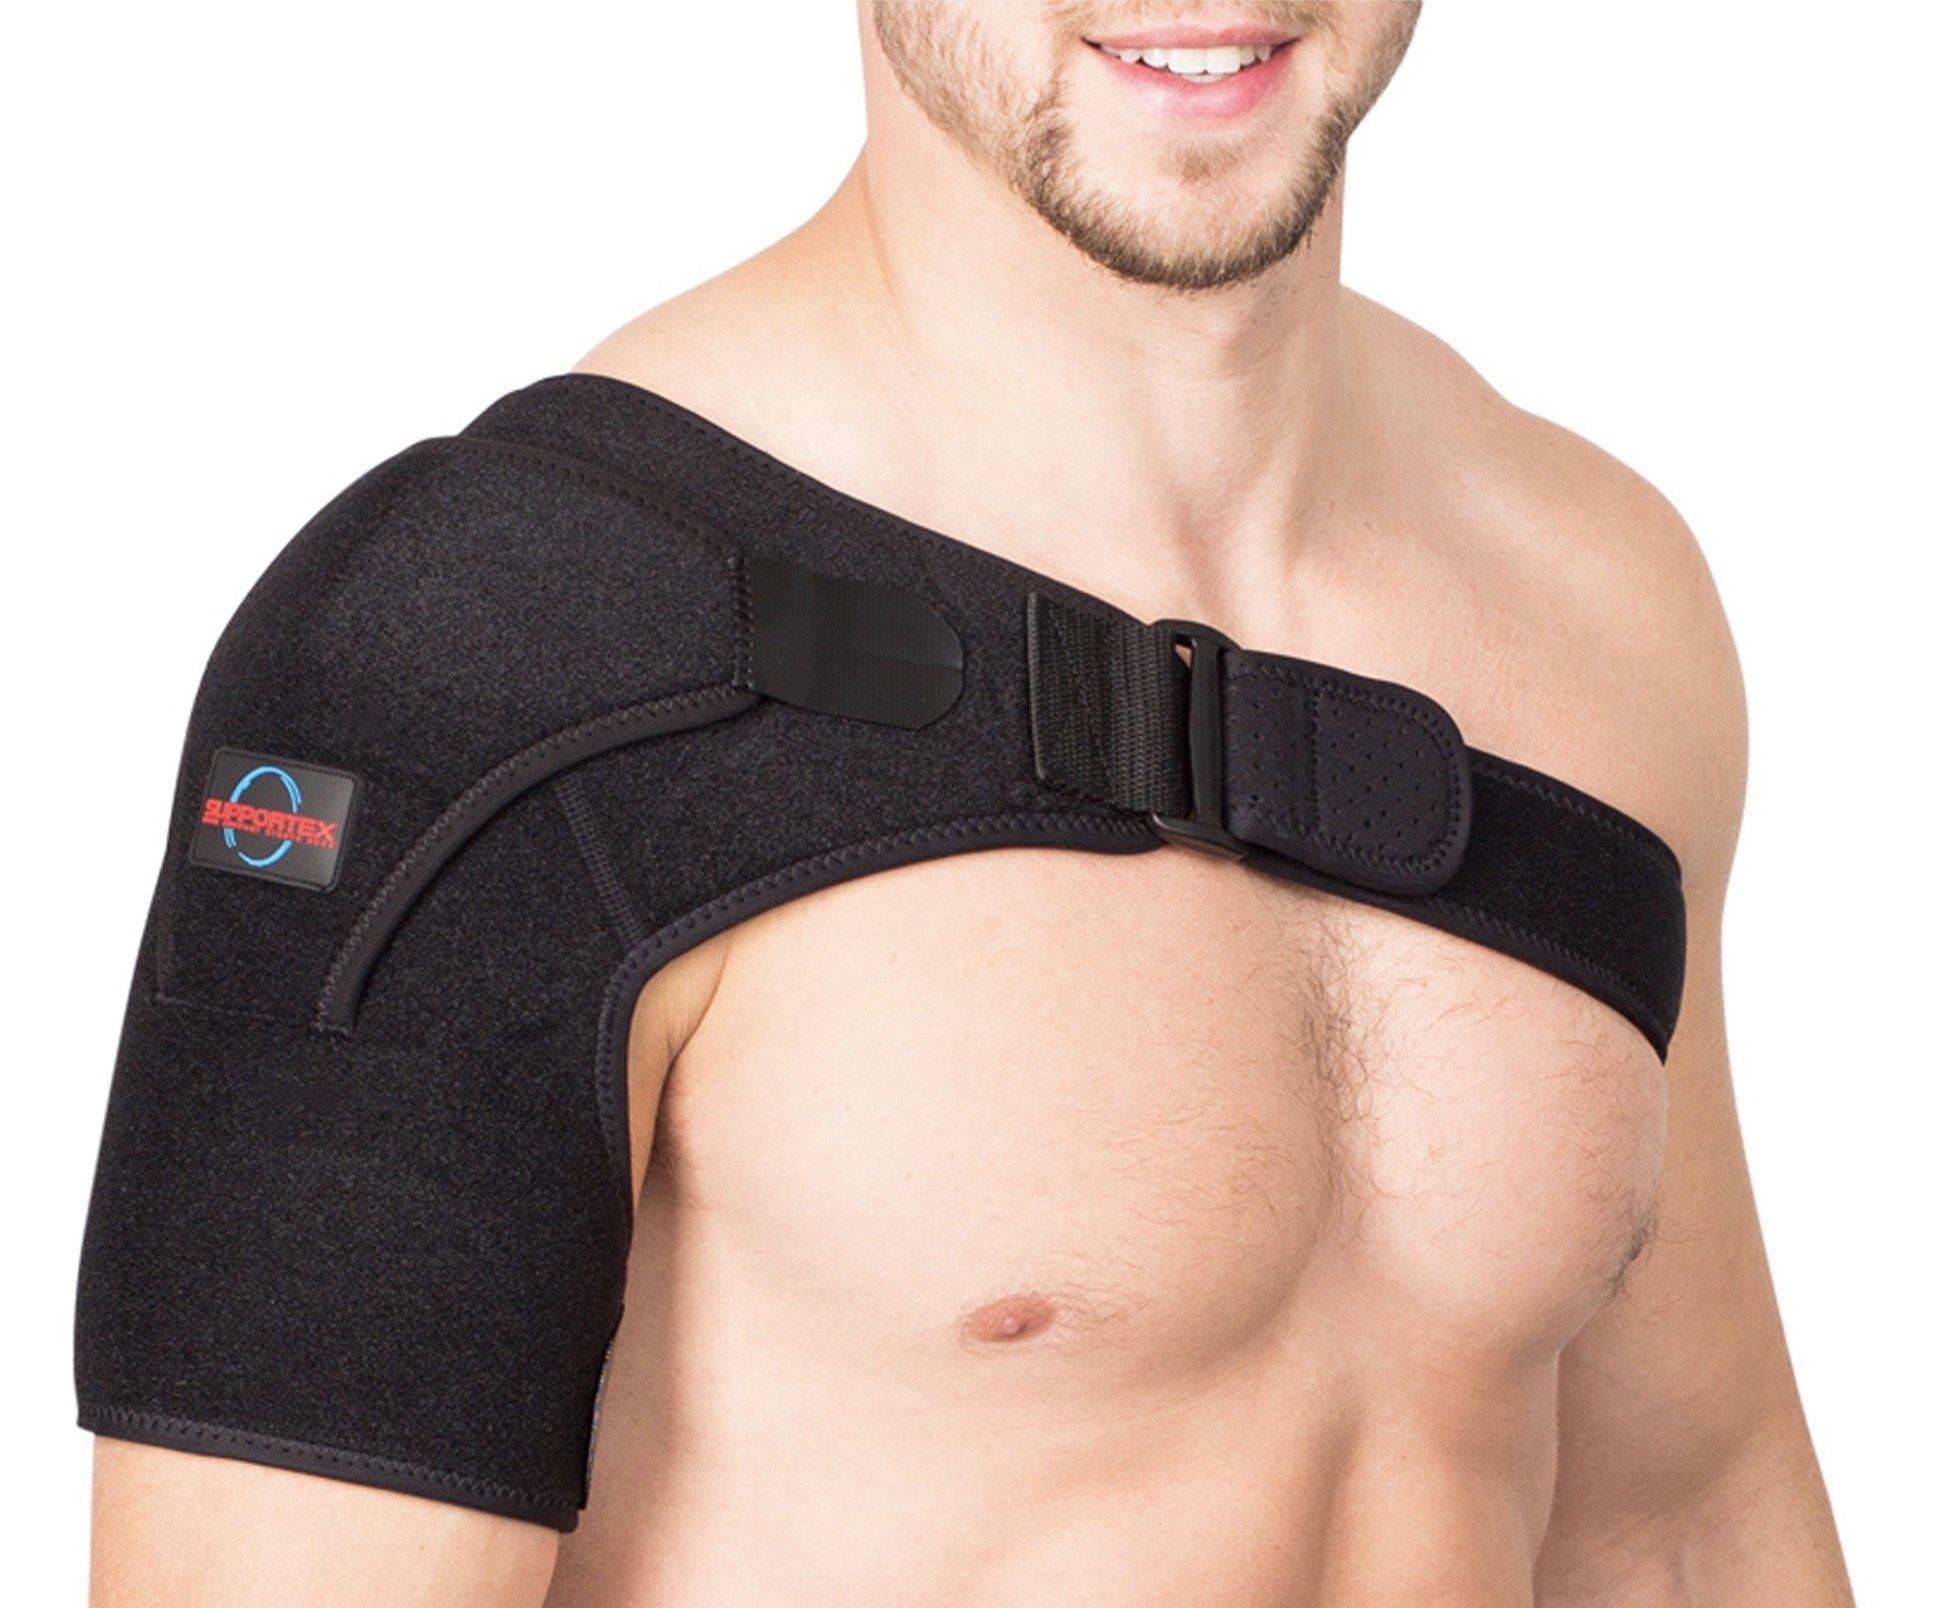 Shoulder Brace for Women and Men - Left Right Shoulder Support Brace for Rotator Cuff AC Joint Dislocated Shoulder - Adjustable Neoprene Shoulder Brace - Compression Shoulder Sleeve